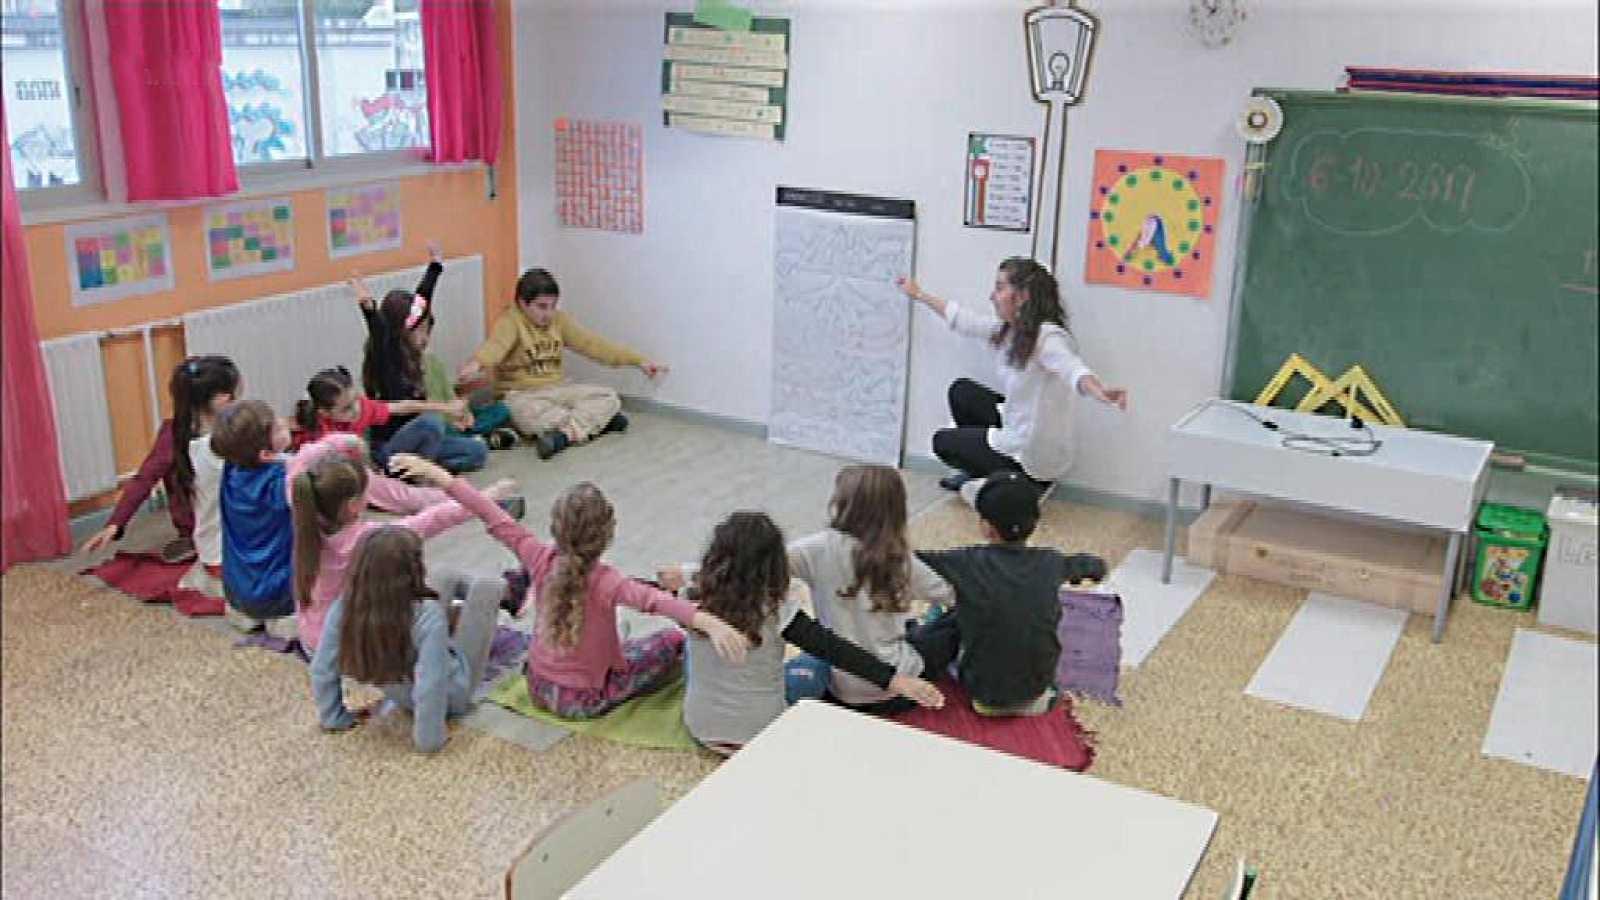 Maneras de educar - Colegio Vital Alsar, Santander - RTVE.es